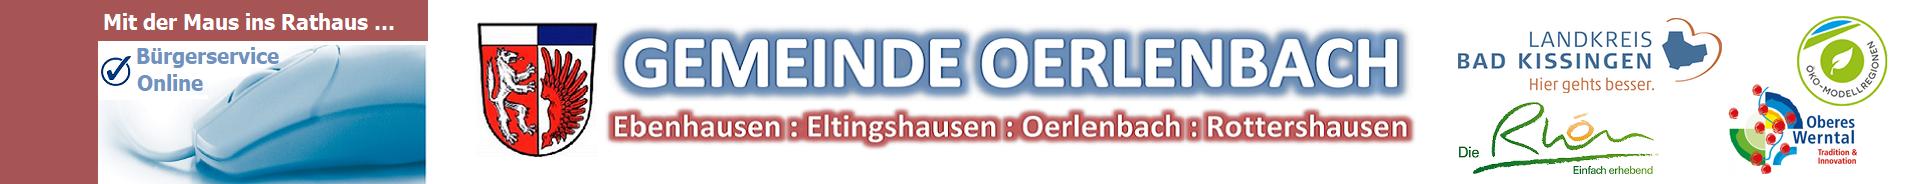 Gemeinde Oerlenbach